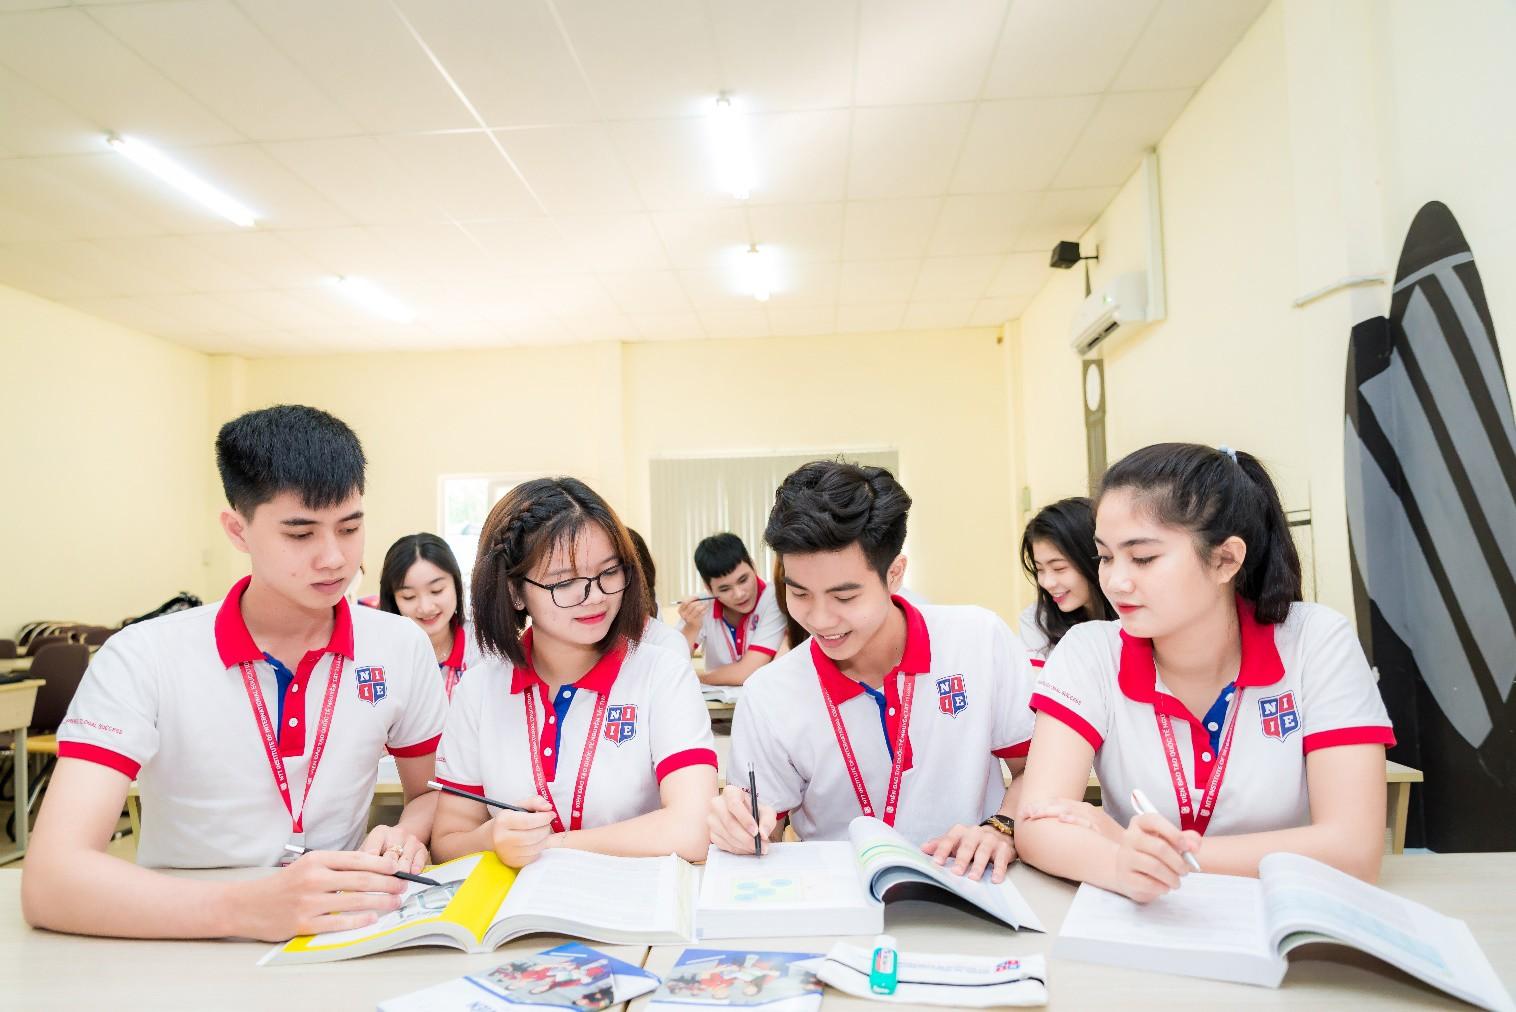 5 sai lầm thường gặp khi chọn trường và ngành học - Ảnh 2.